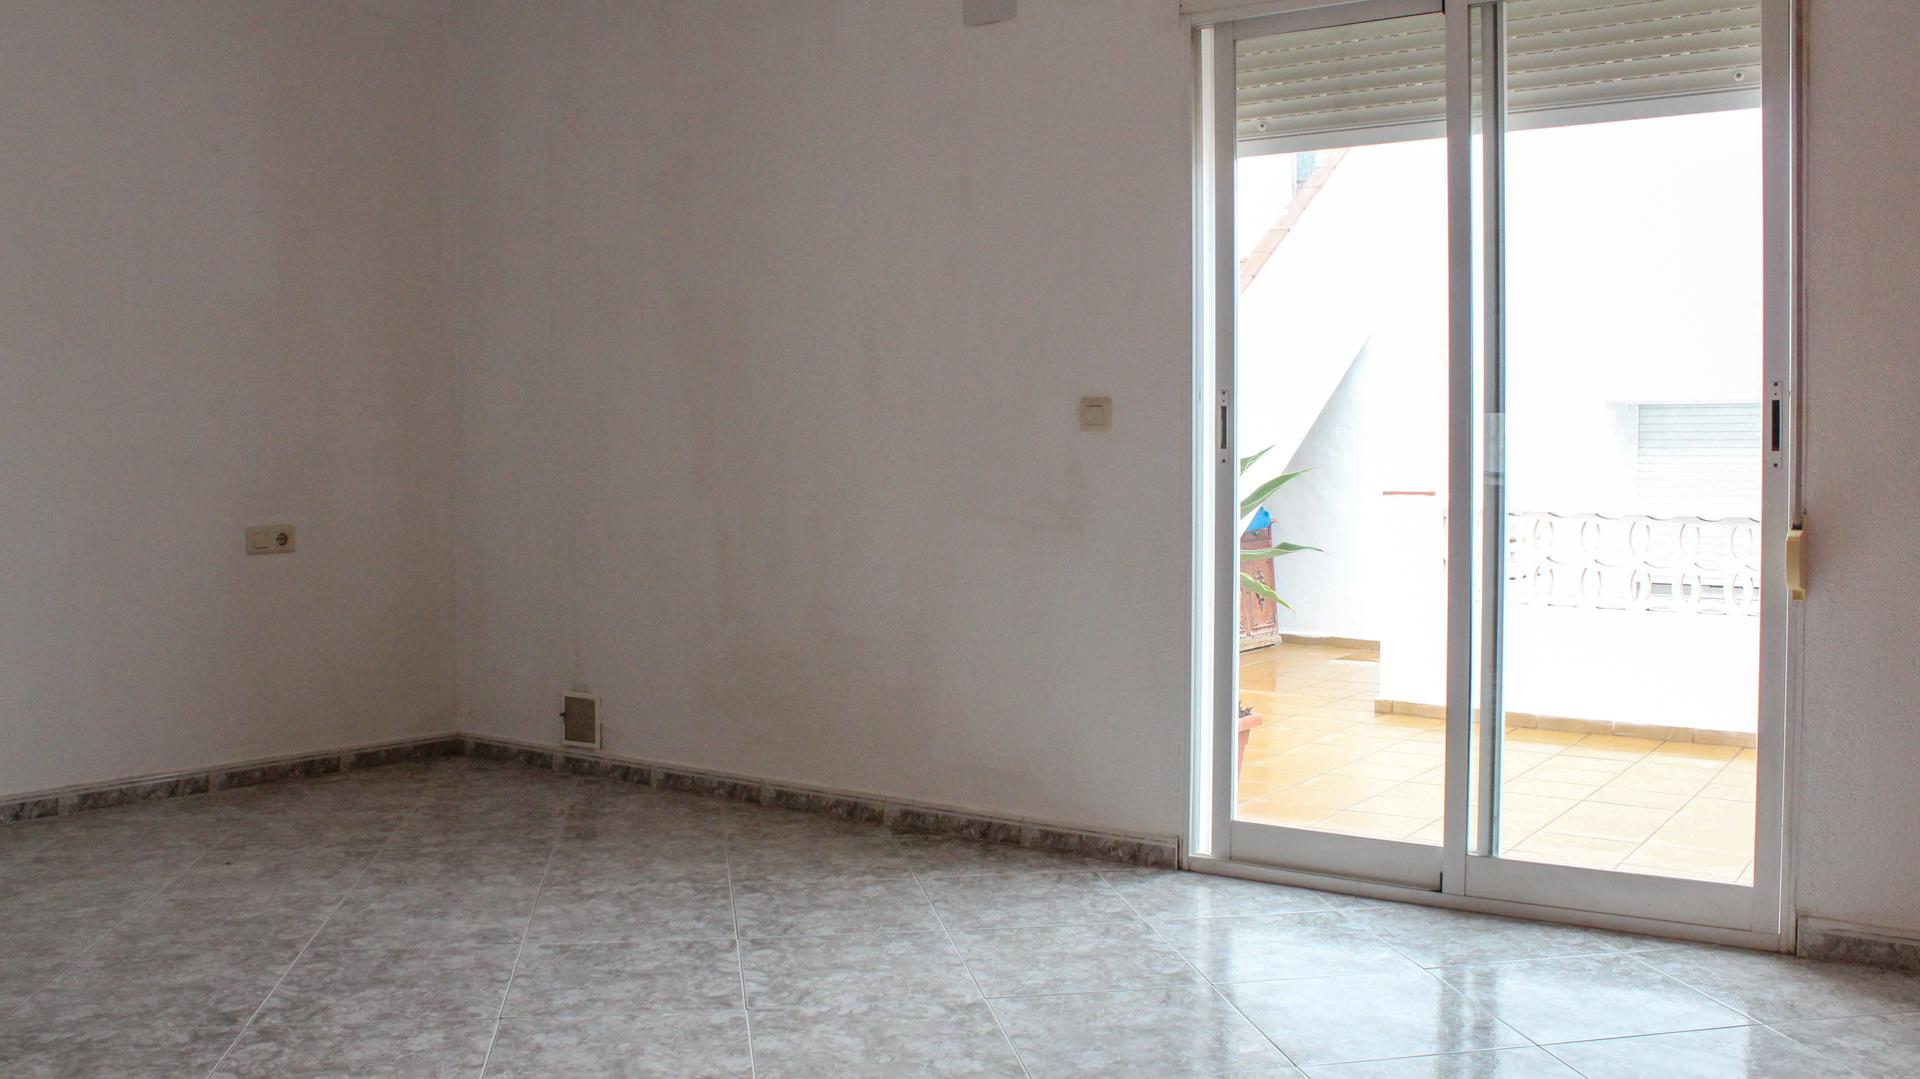 vitalcasa.sooprema-propiedades_5deb9749cc8dd-source